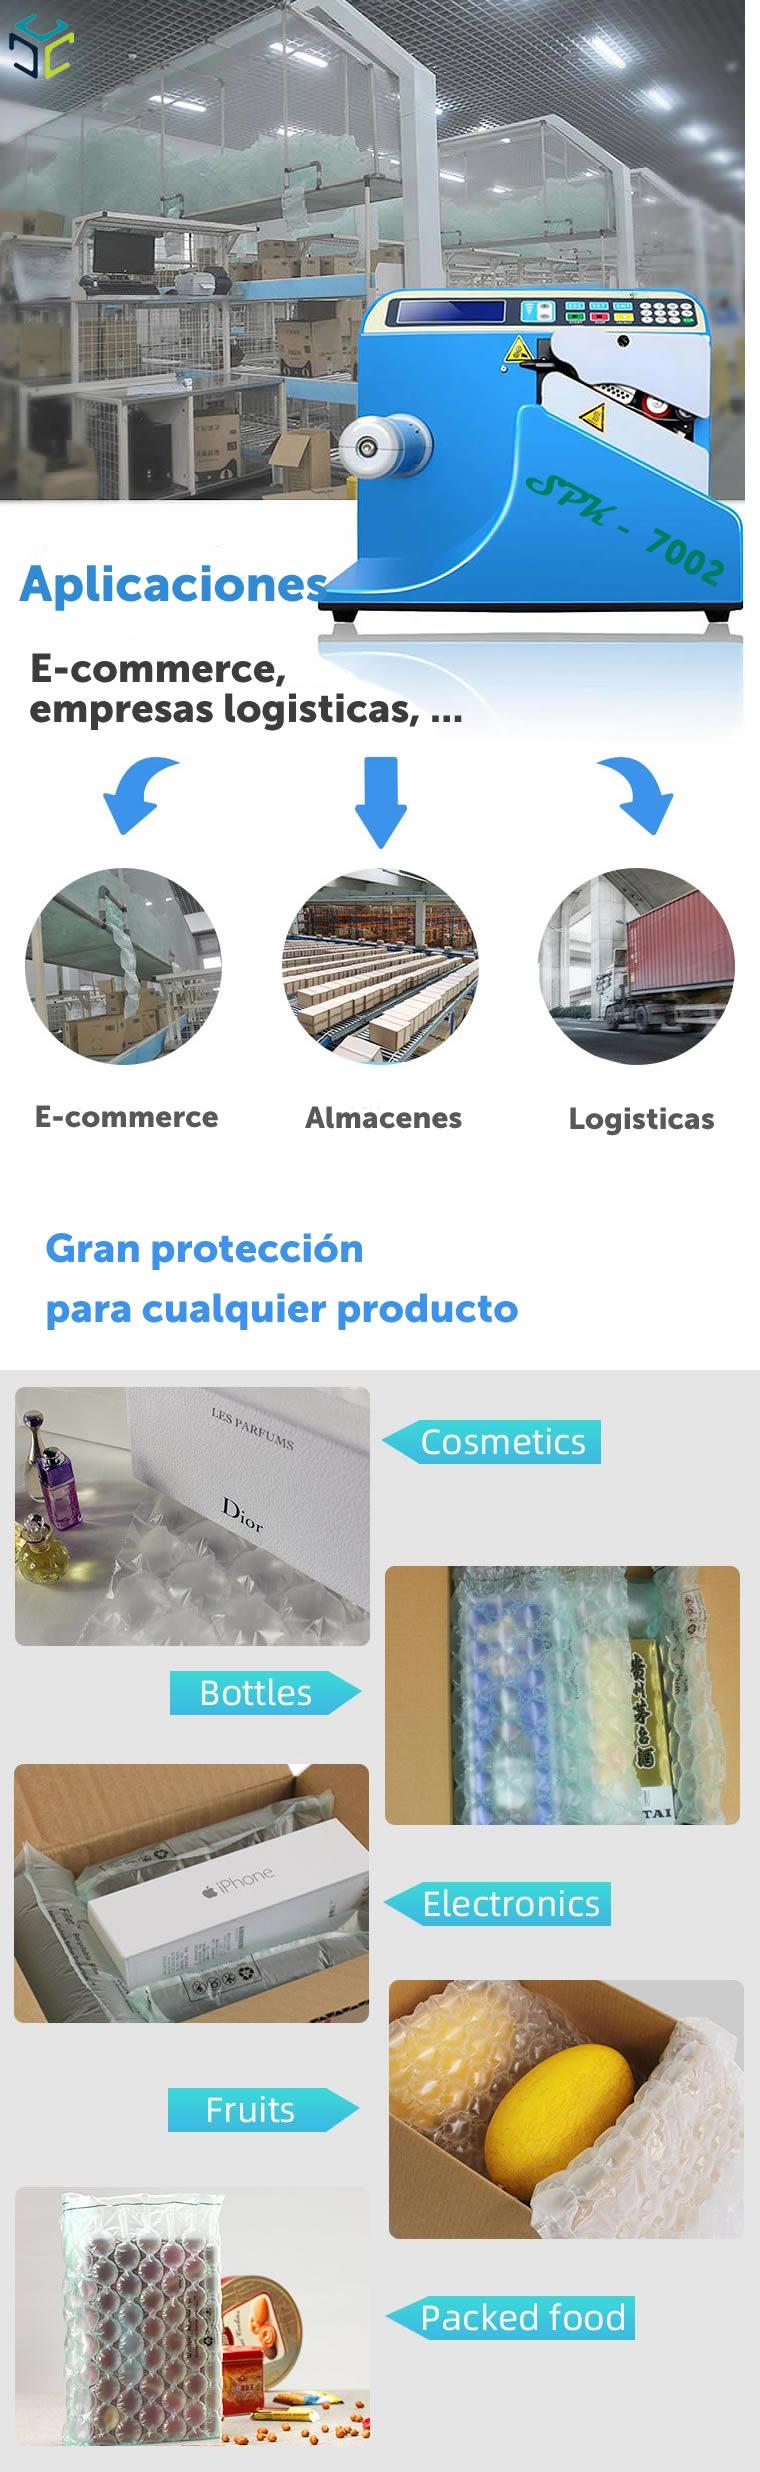 relleno proteccion bolsa aire ecologico compostable spk 7002 aplicaciones